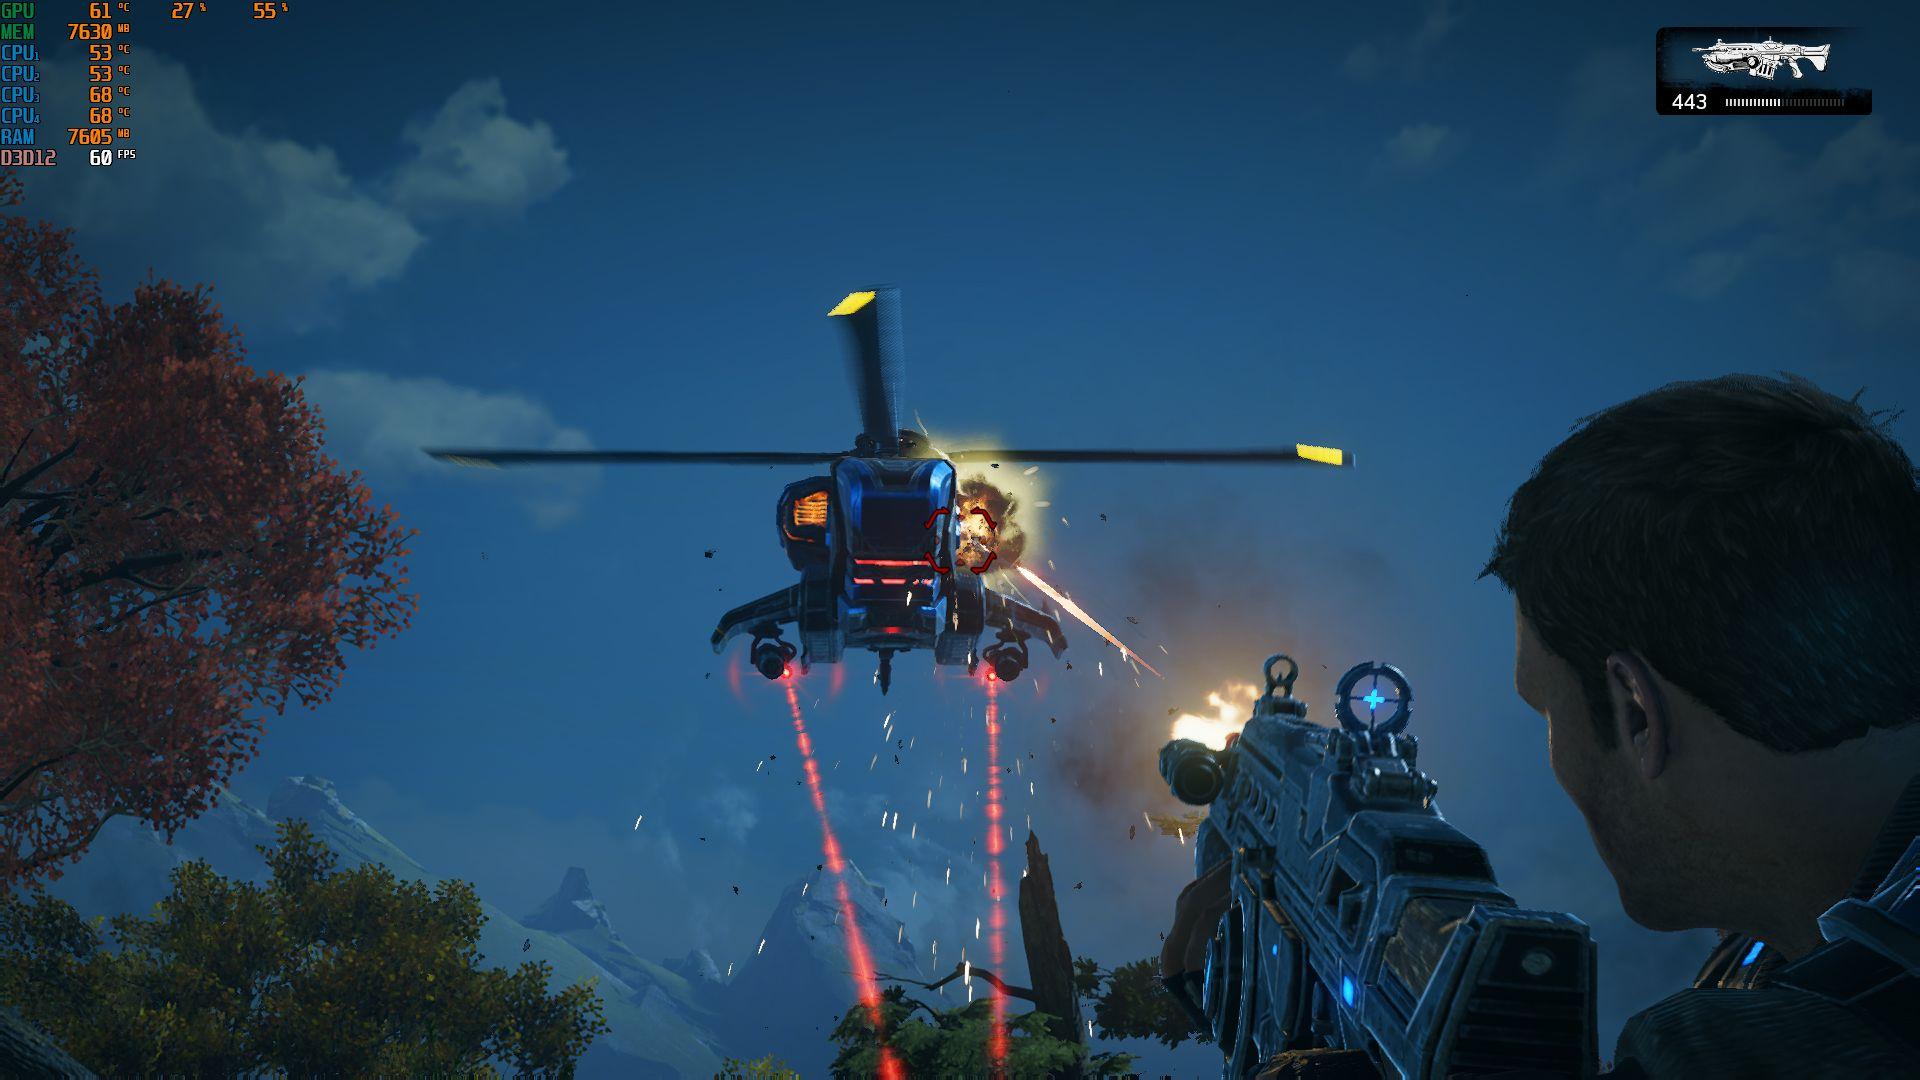 00025.Jpg - Gears of War 4